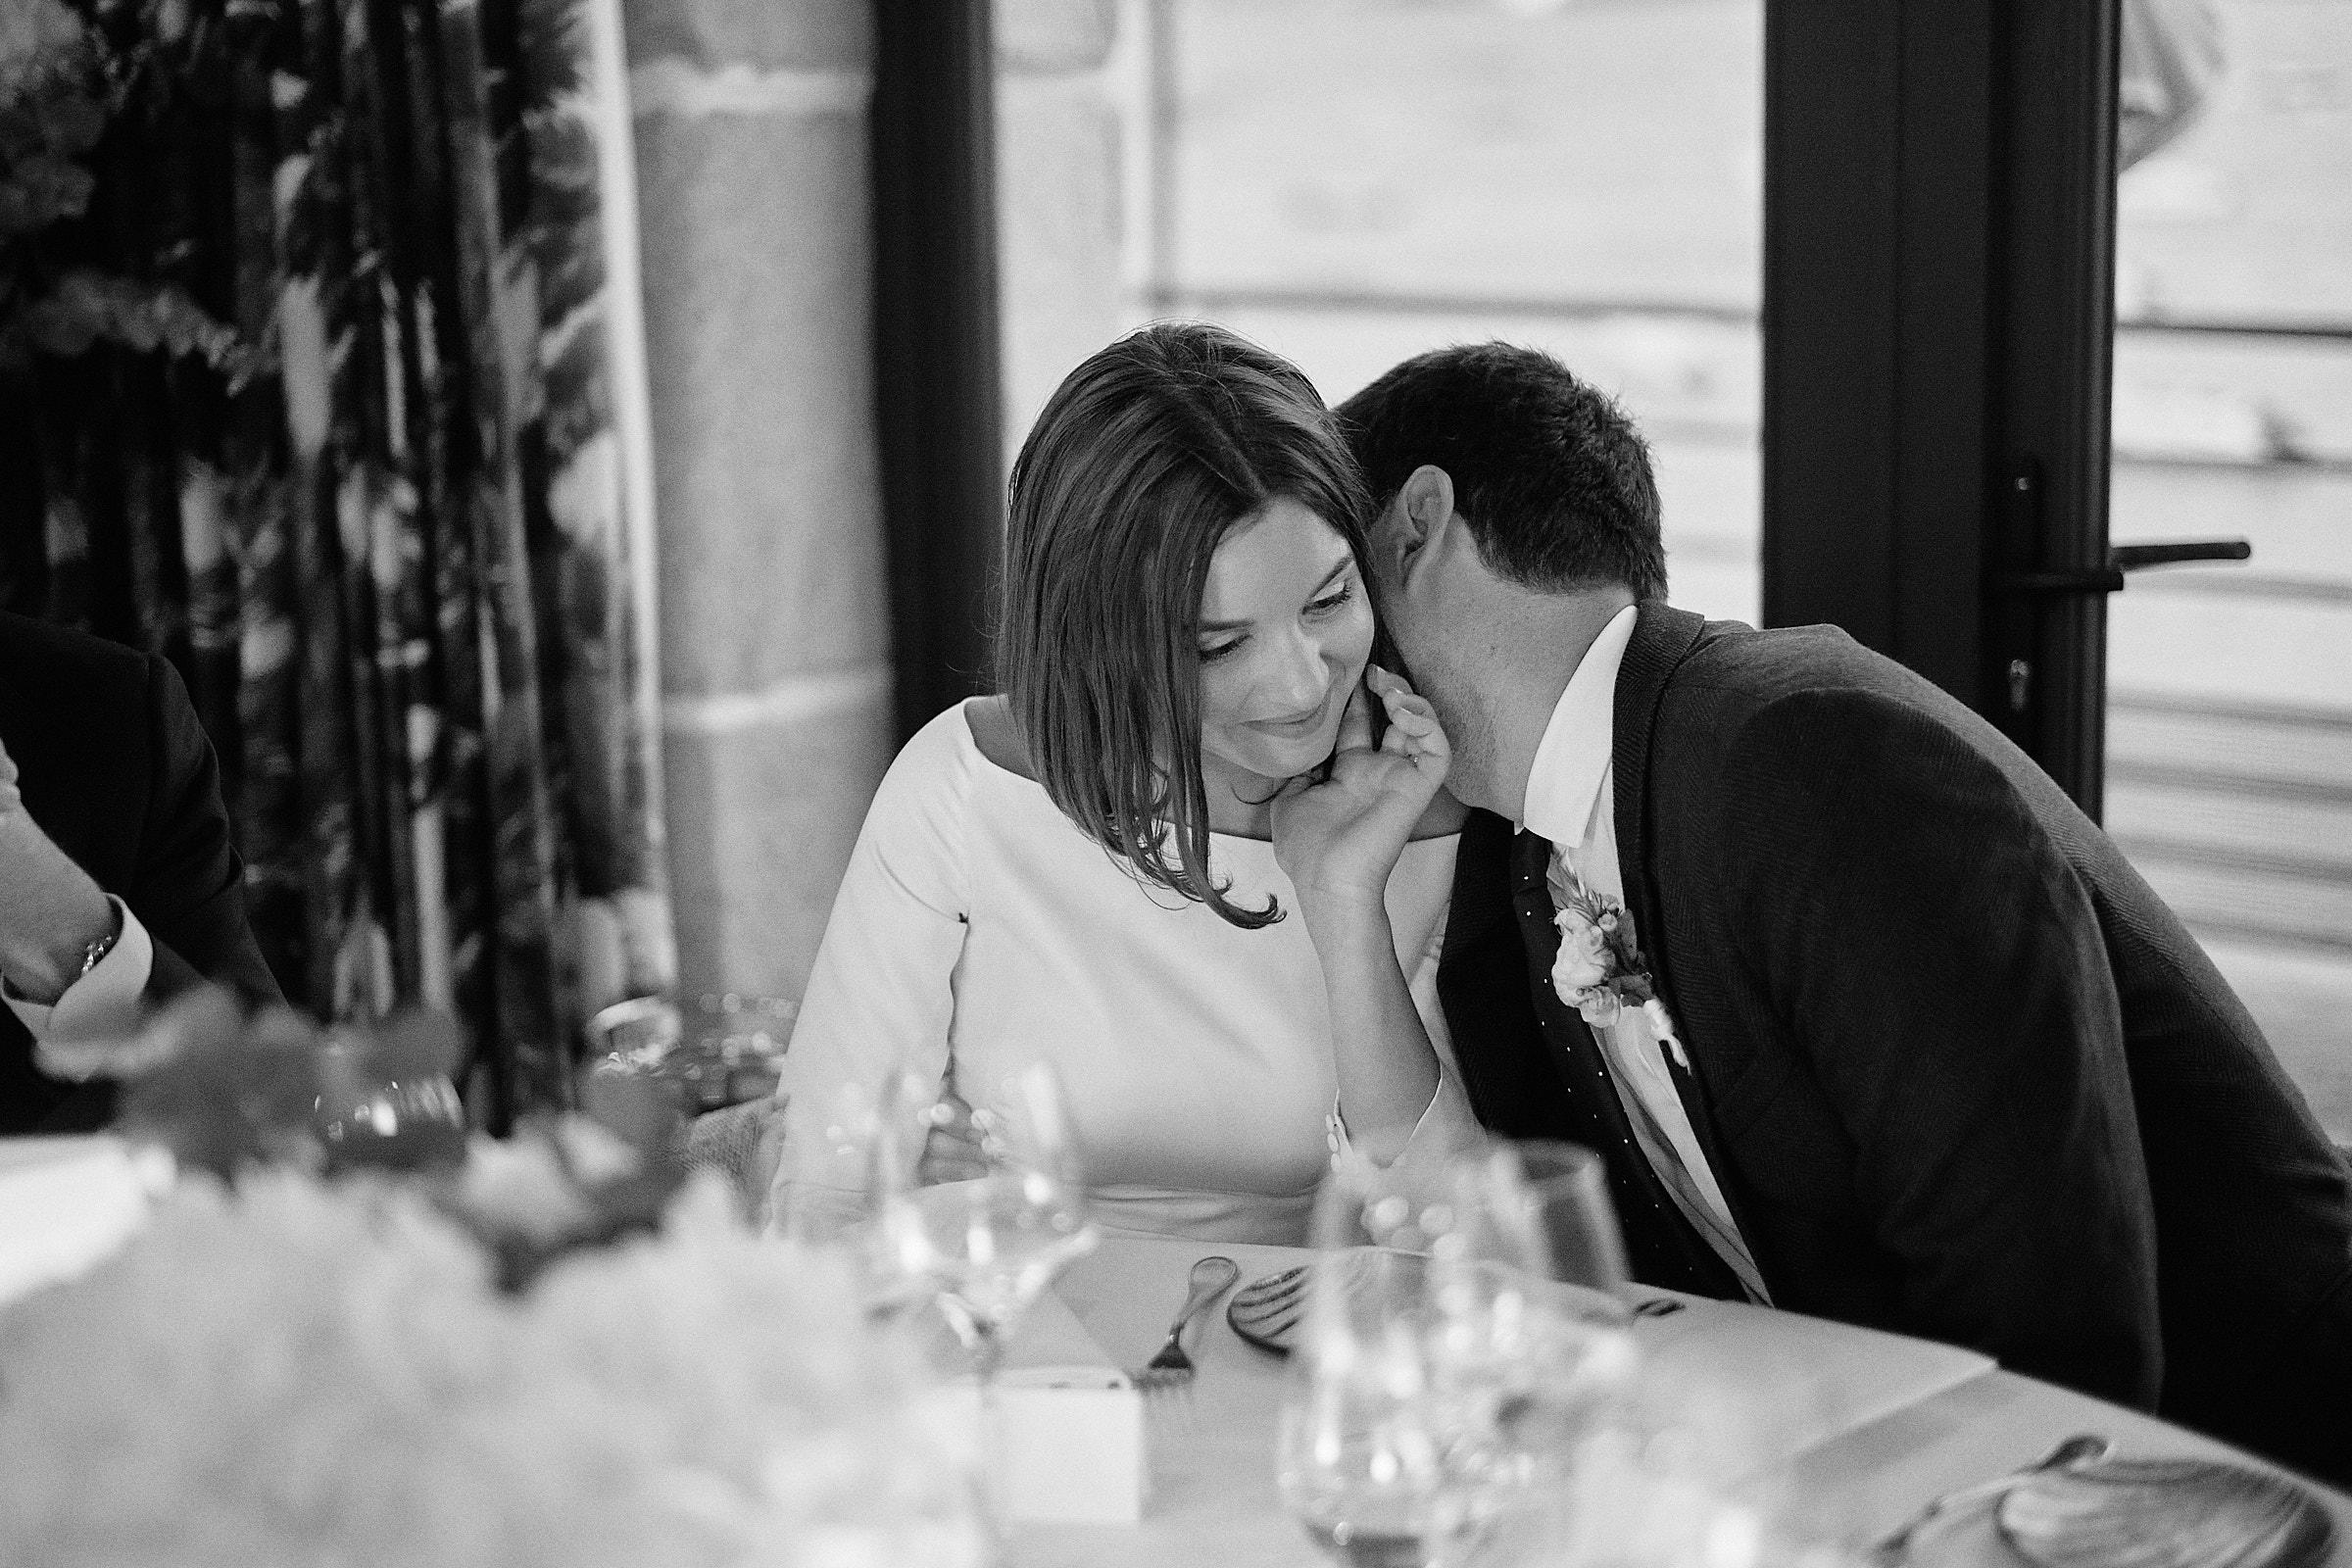 les mariés à table